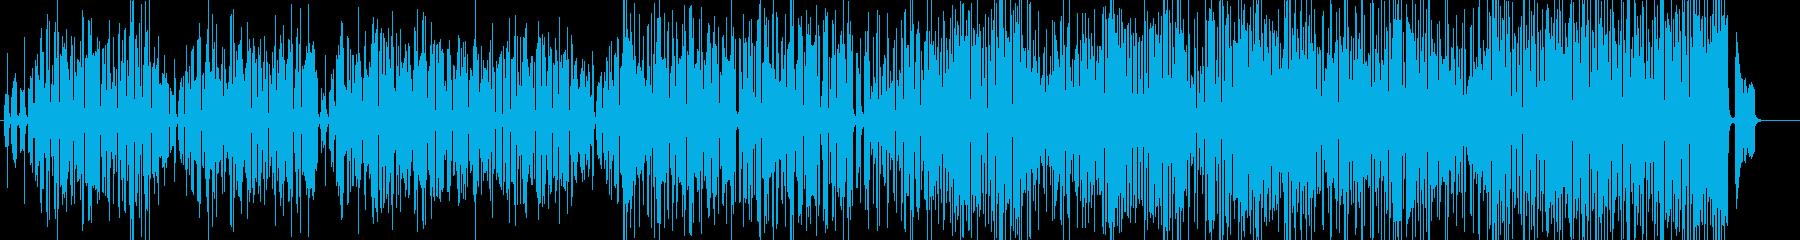 アコーディオン・ミュゼット-ピチカートの再生済みの波形